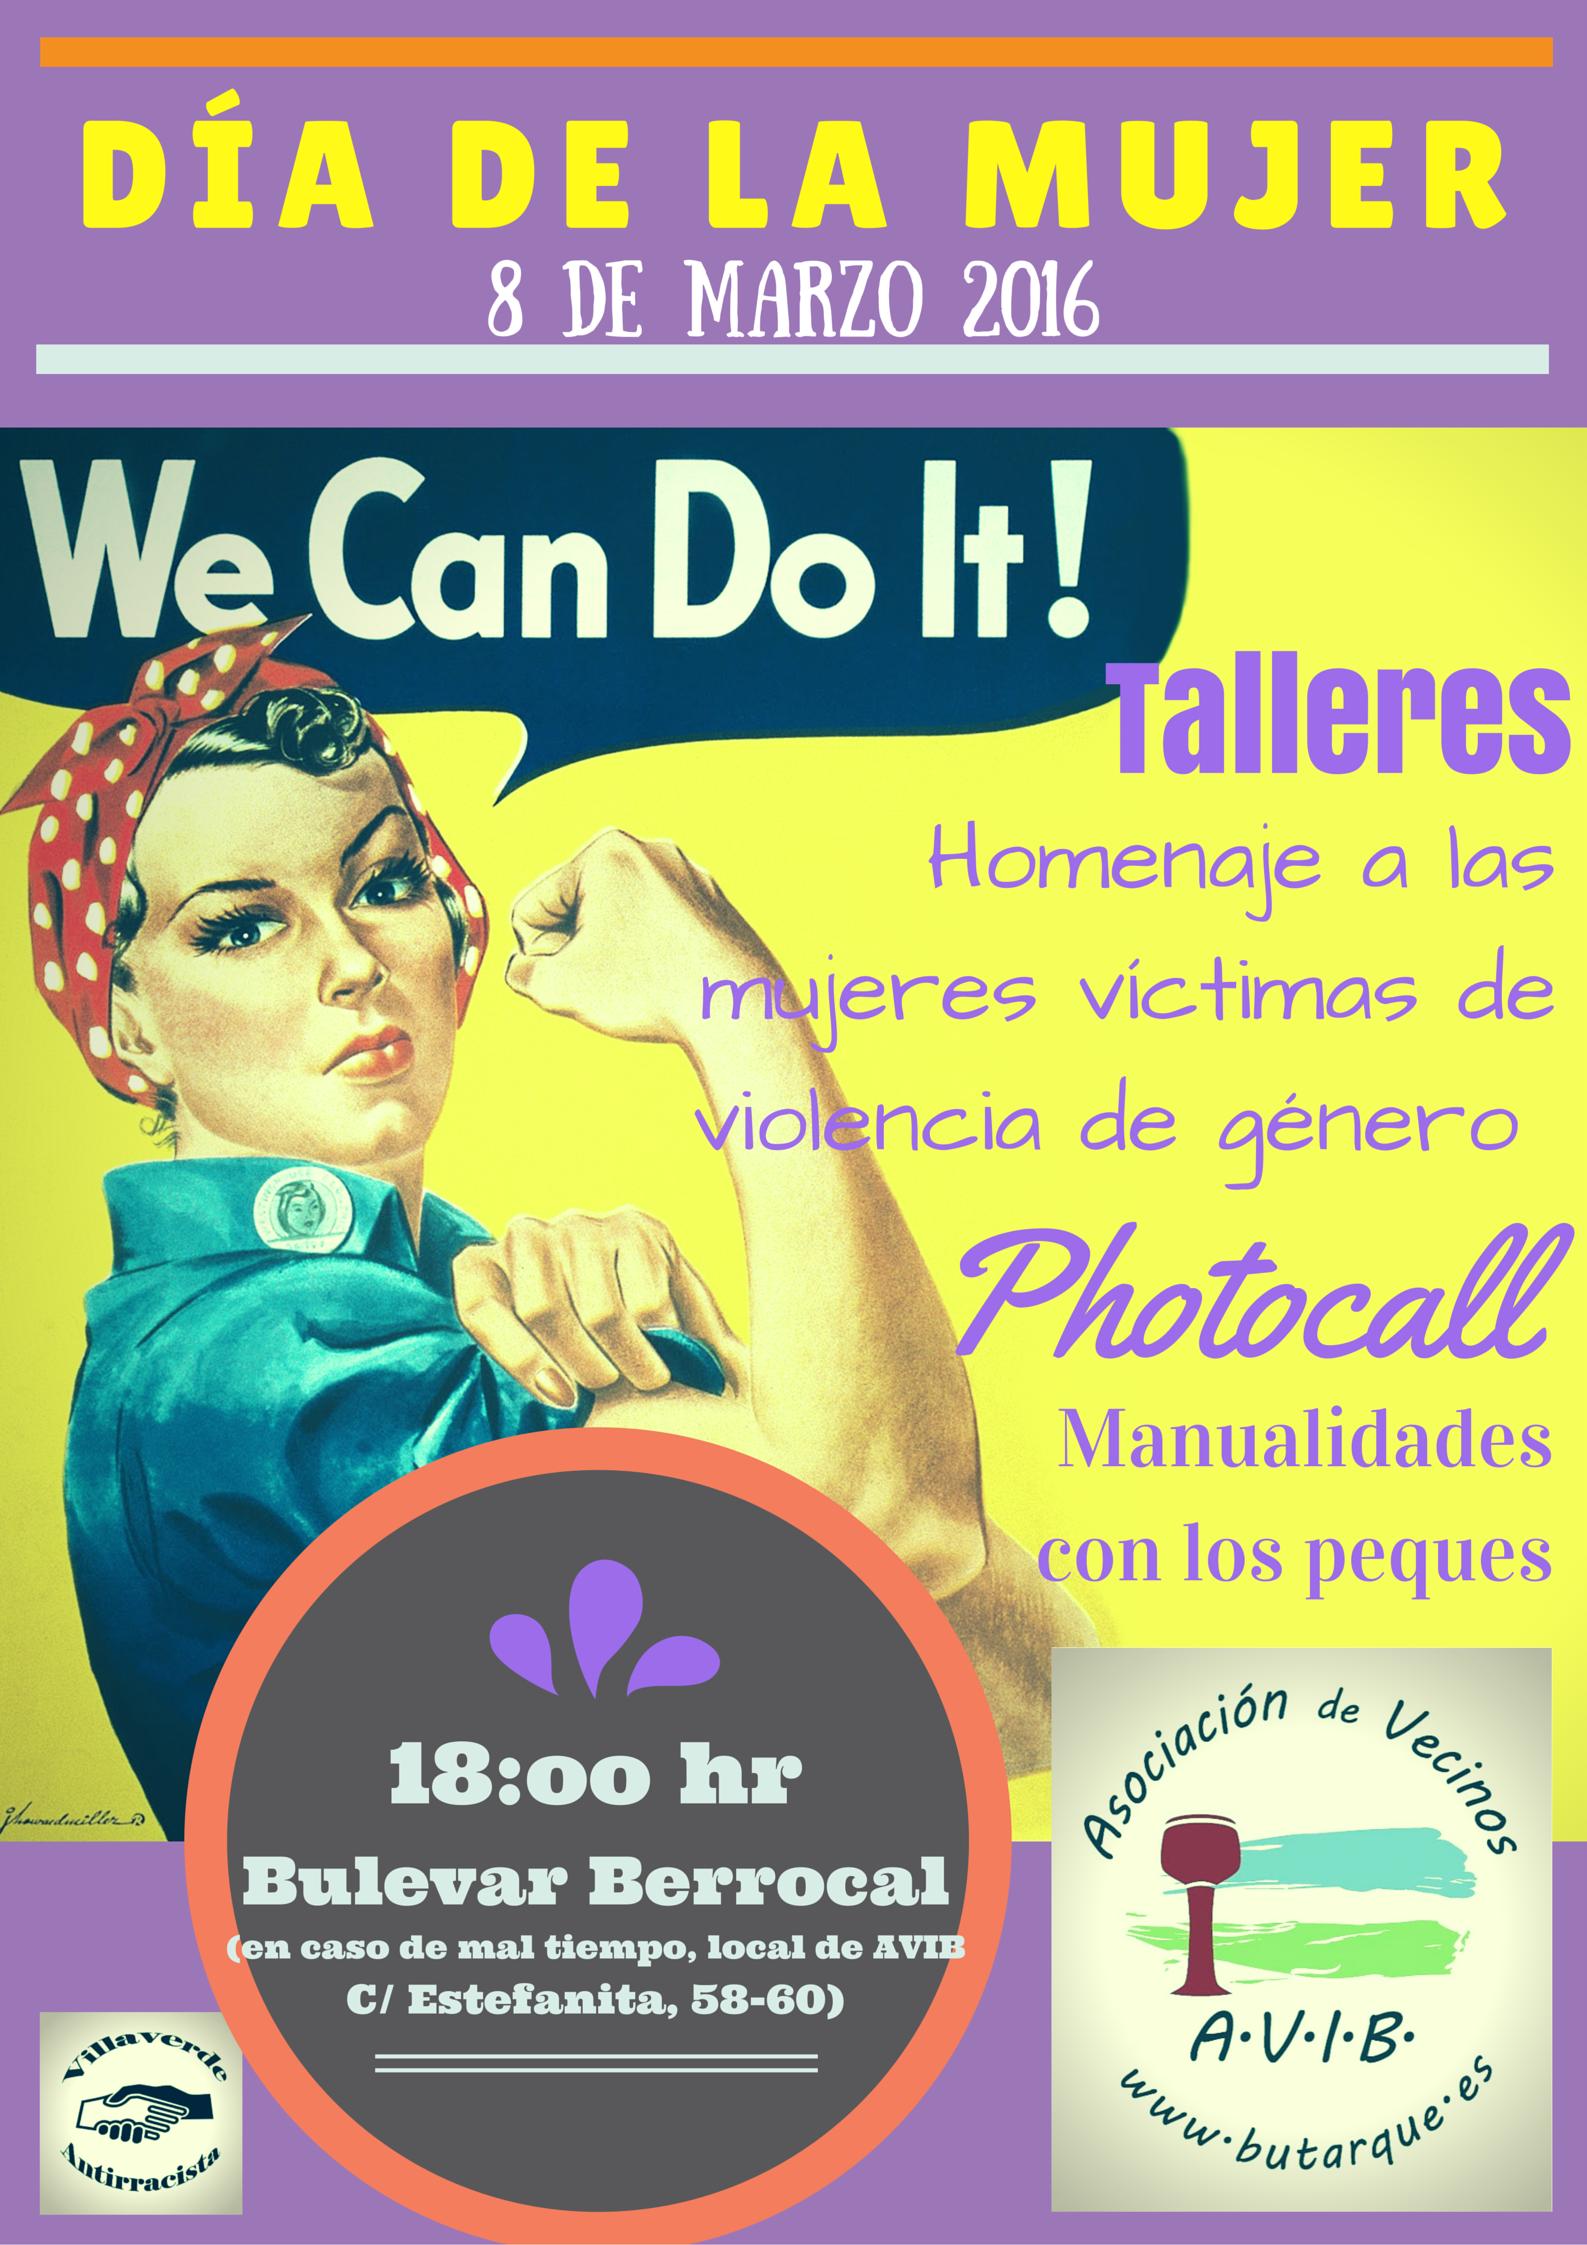 Hoy es 8 de marzo, día de la mujer trabajadora